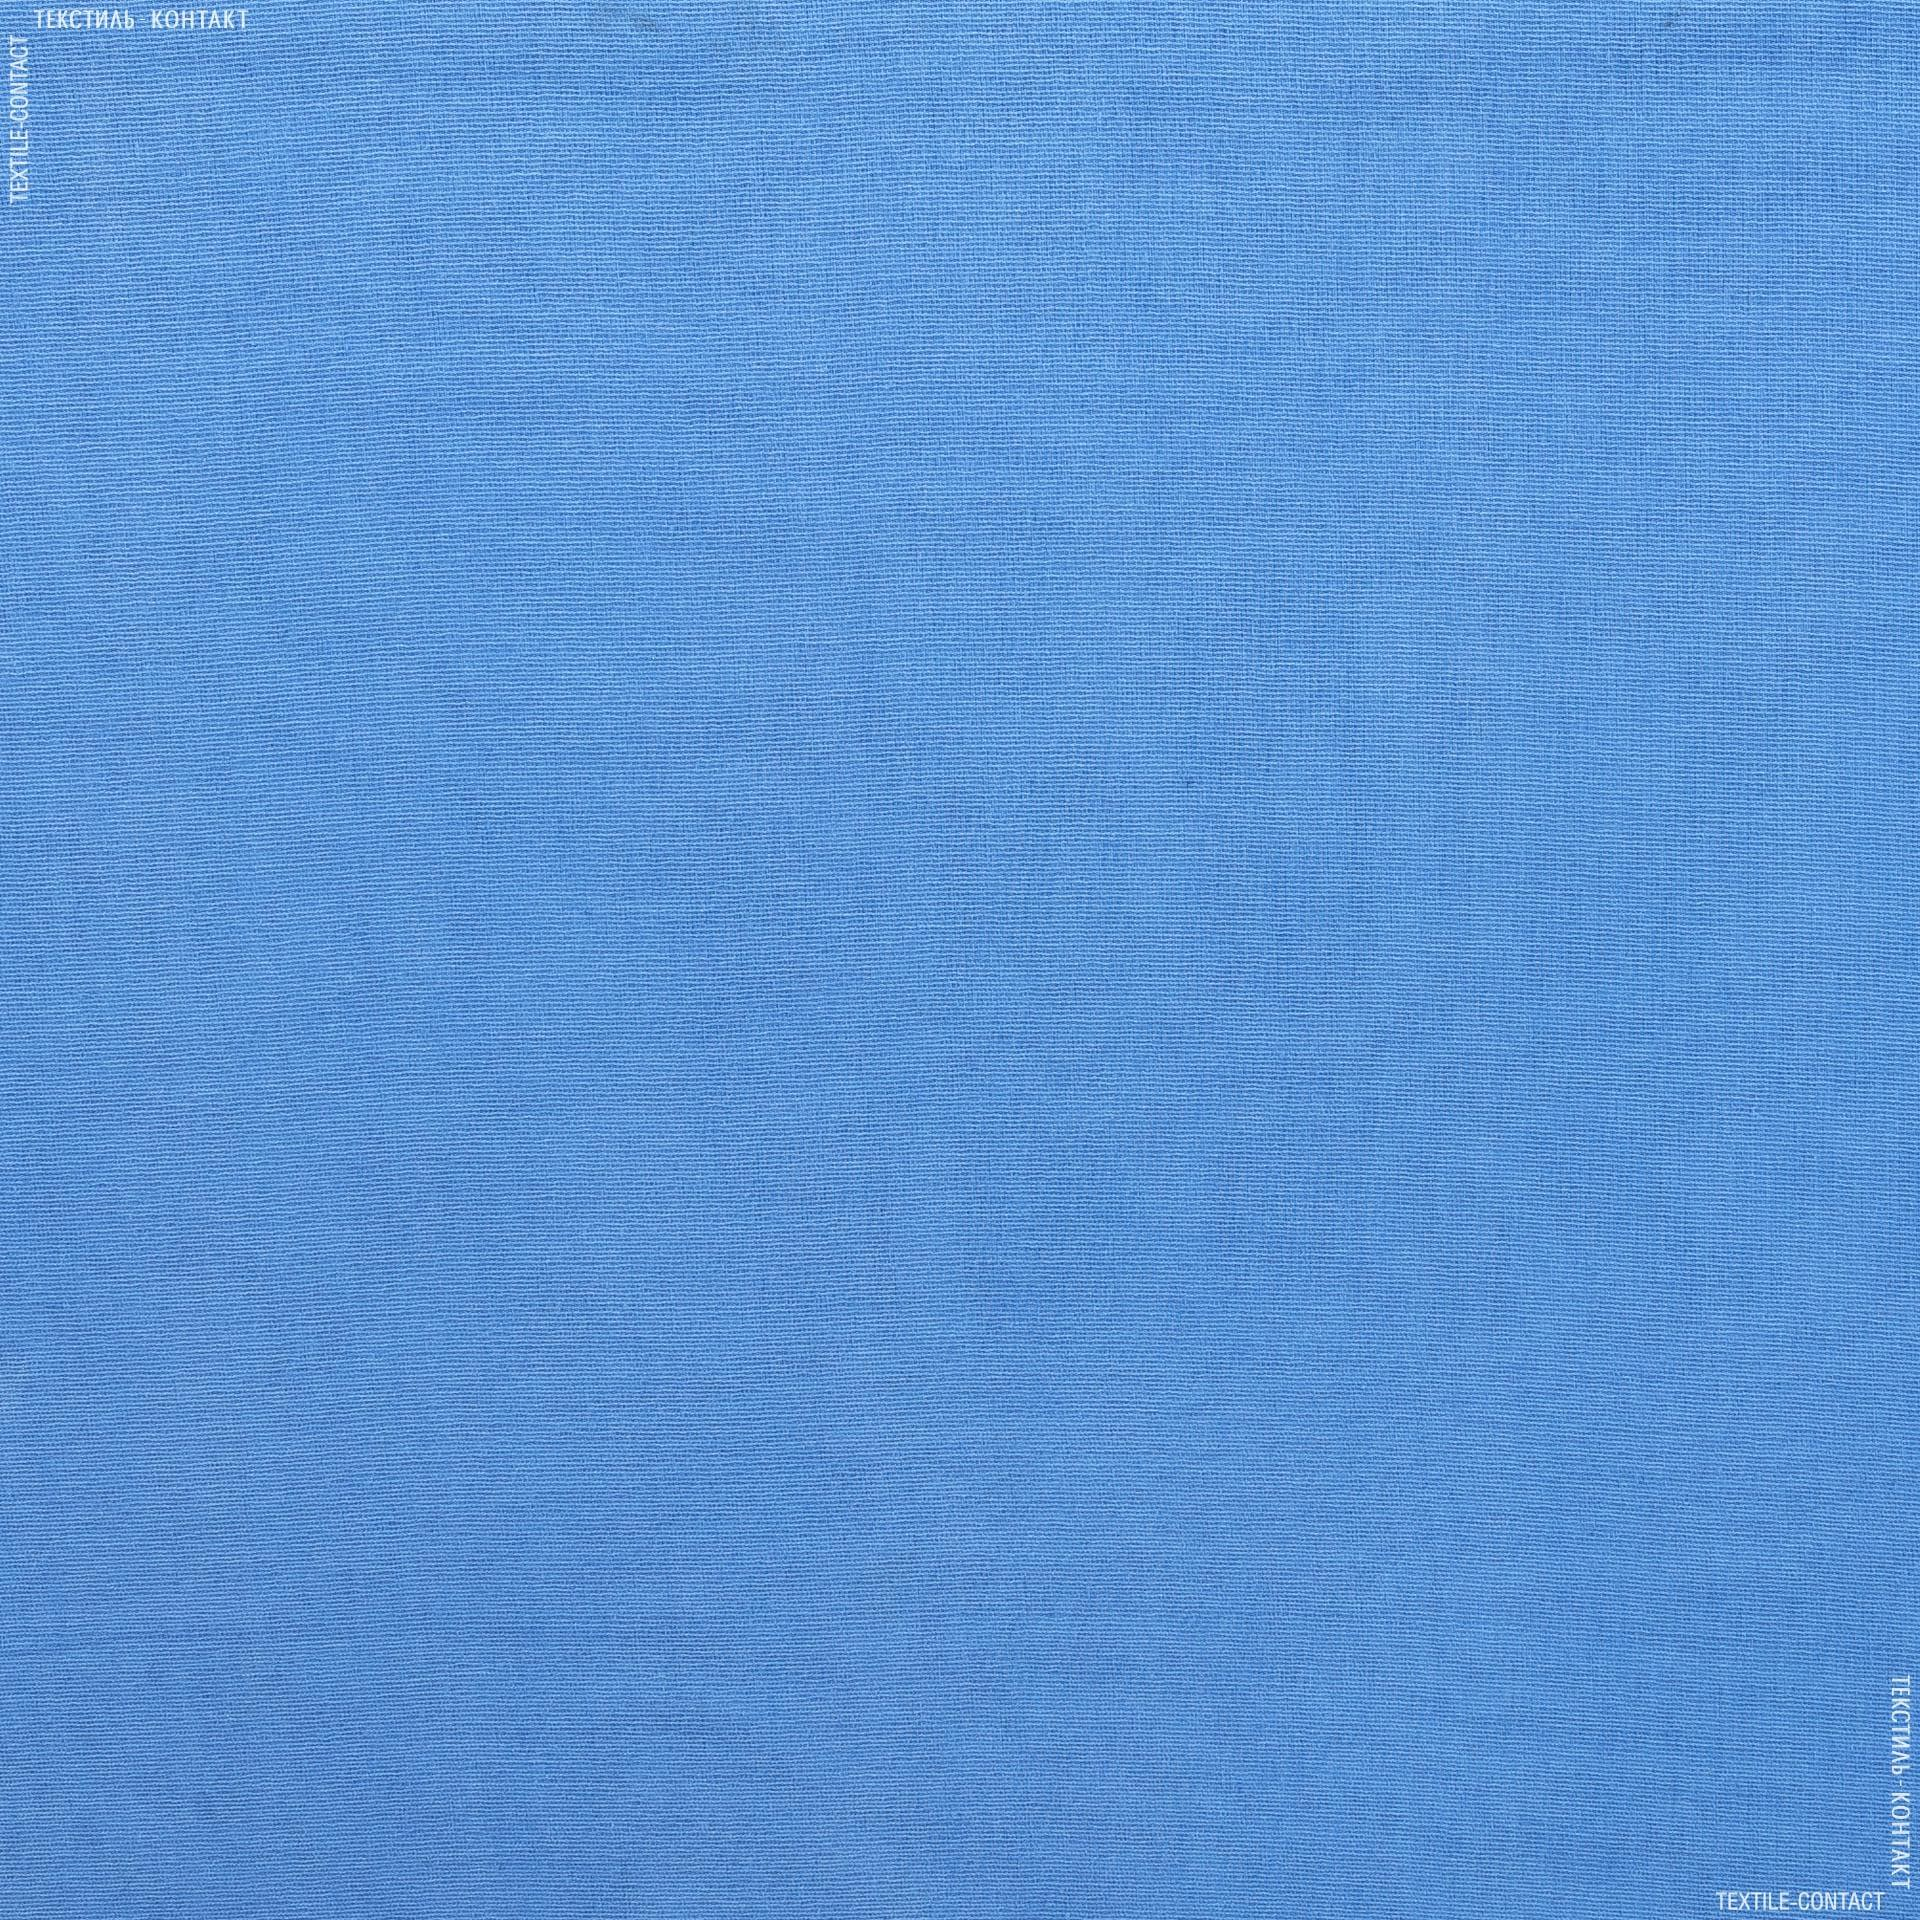 Ткани для детской одежды - Ситец голубой